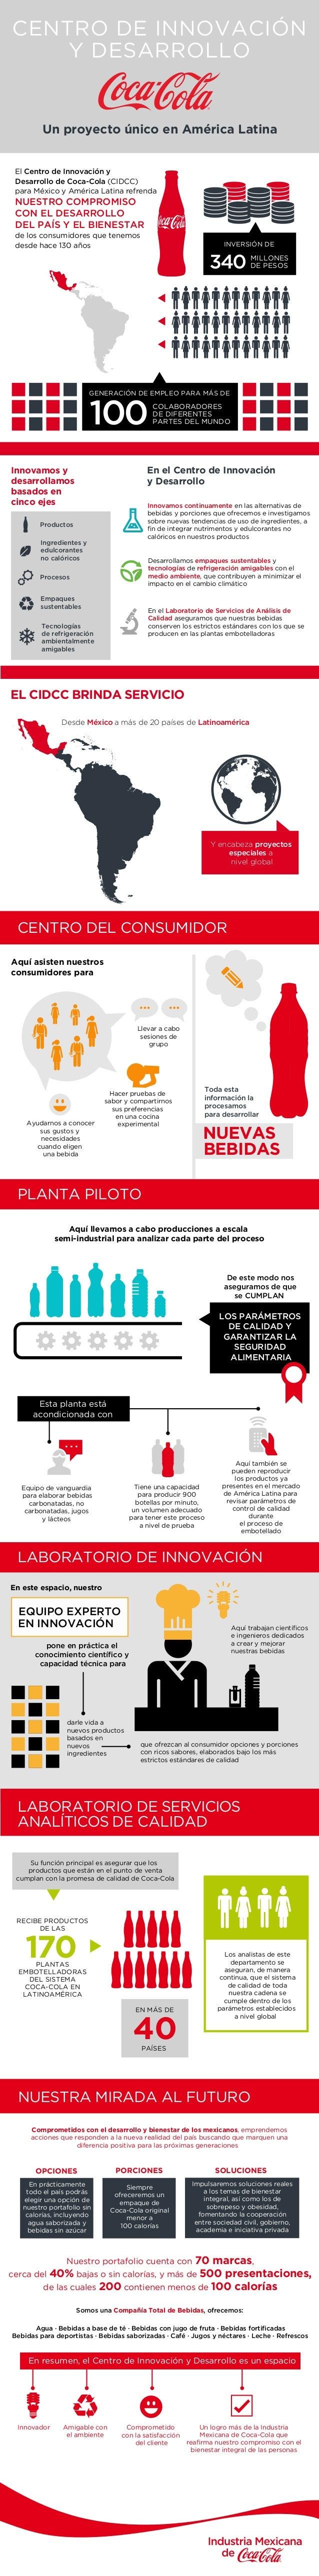 Un proyecto único en América Latina CENTRO DE INNOVACIÓN Y DESARROLLO CENTRO DEL CONSUMIDOR PLANTA PILOTO LABORATORIO DE I...